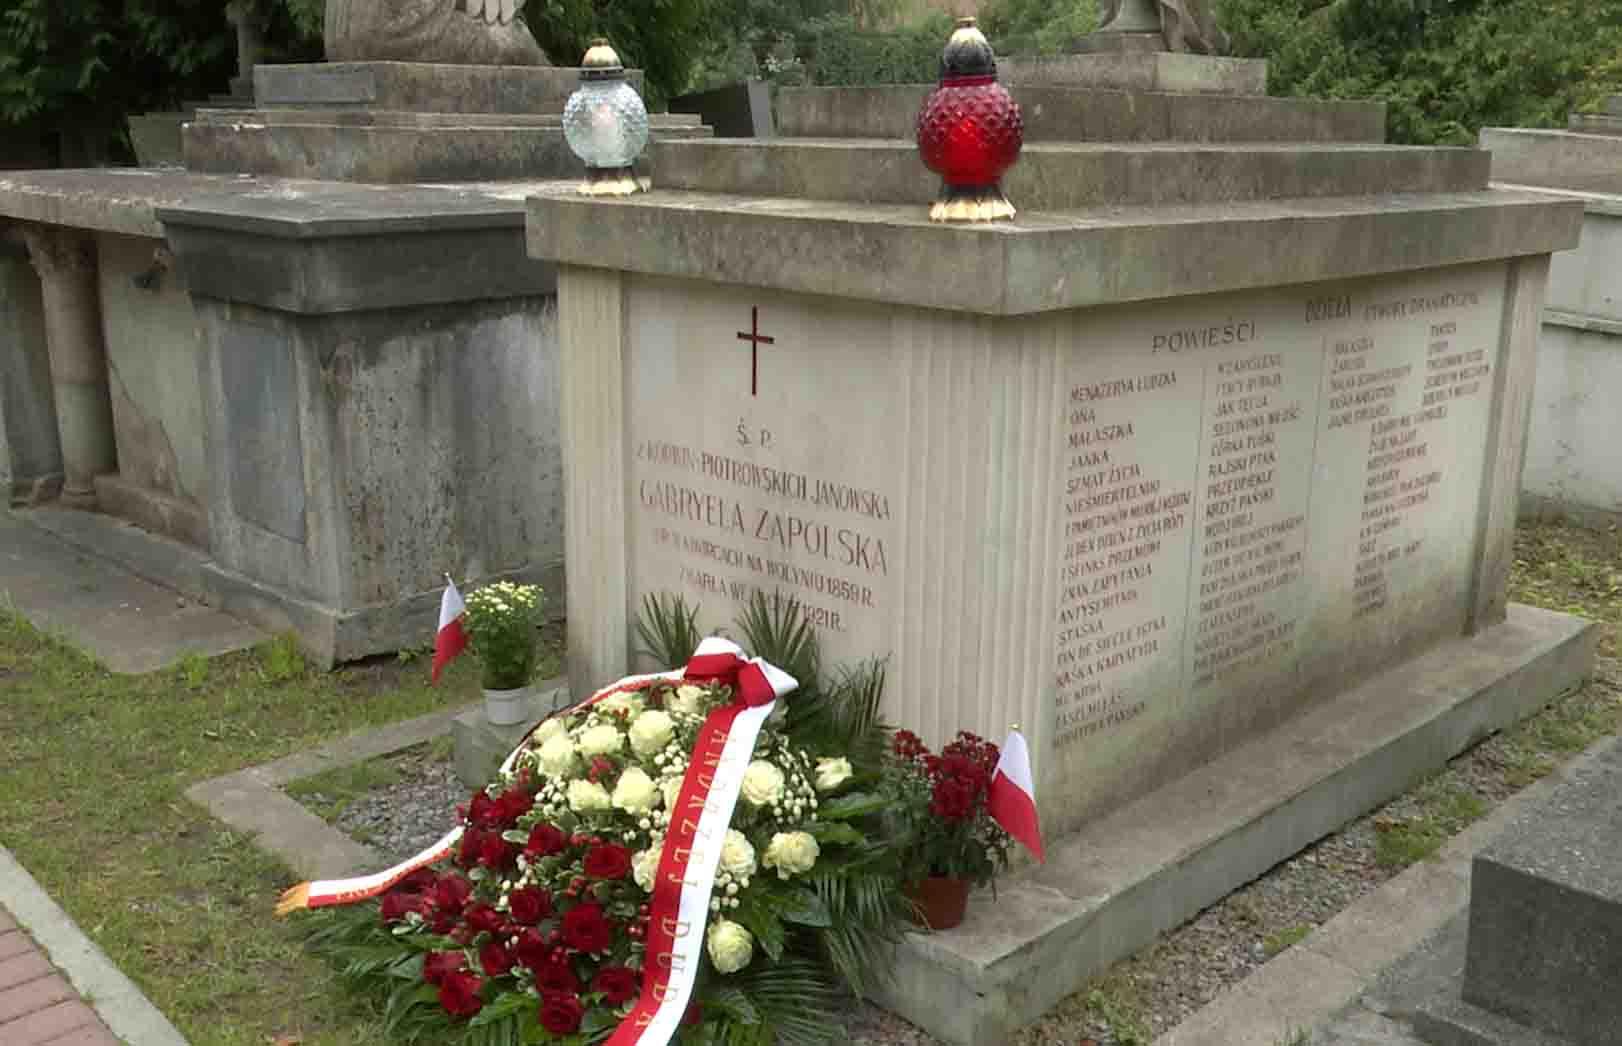 Złożenie kwiatów przy grobie Gabrieli Zapolskiej w Dniu Narodowego Czytania